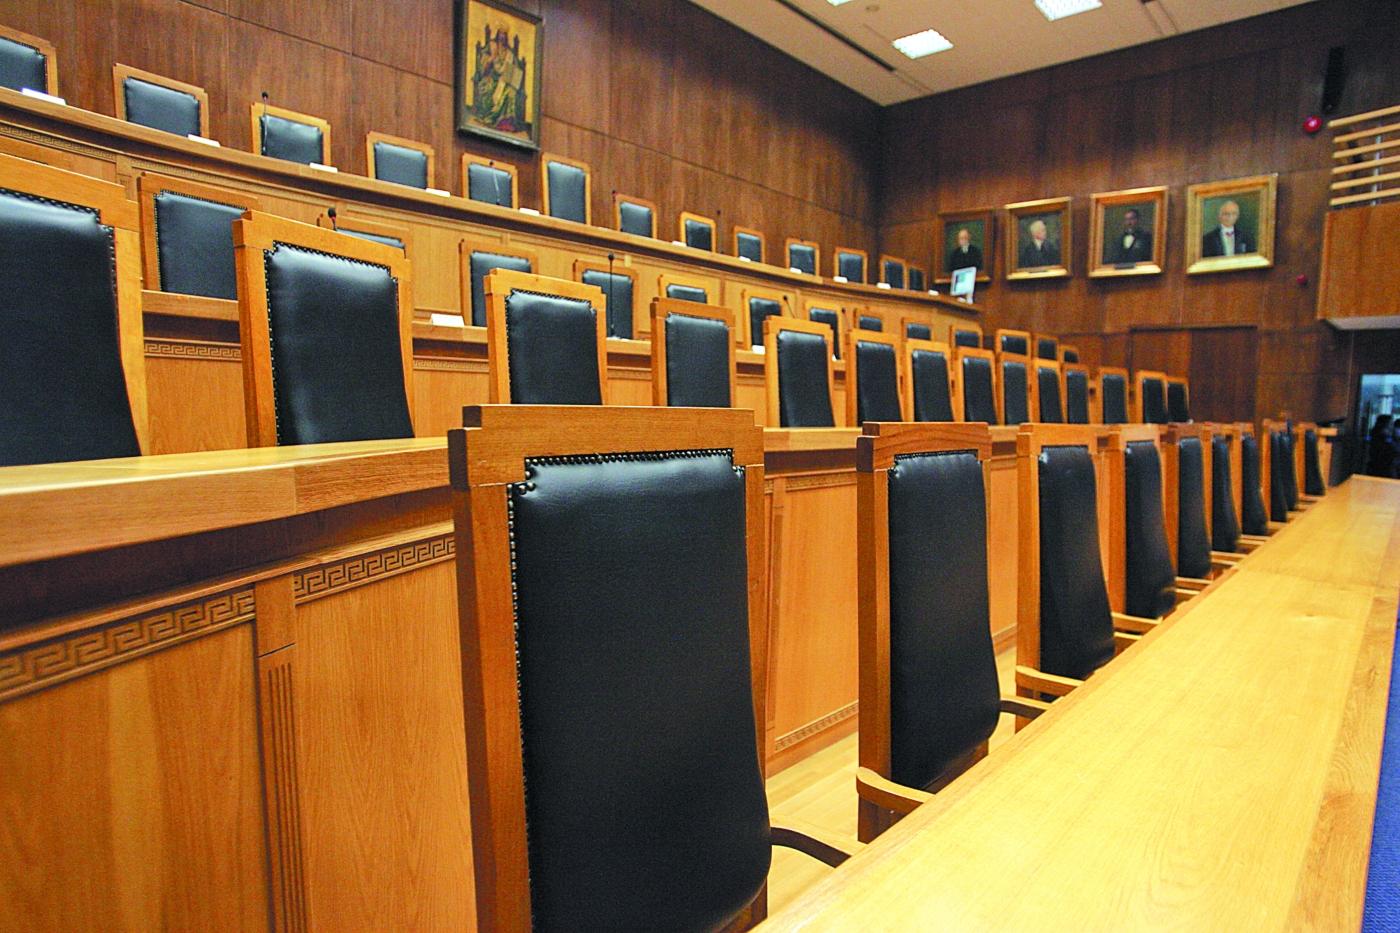 Νομοσχέδιο δημόσιων συναθροίσεων: Δεν δέχονται οι εισαγγελείς να παρίστανται σε διαδηλώσεις ούτε να τις «διαλύουν»